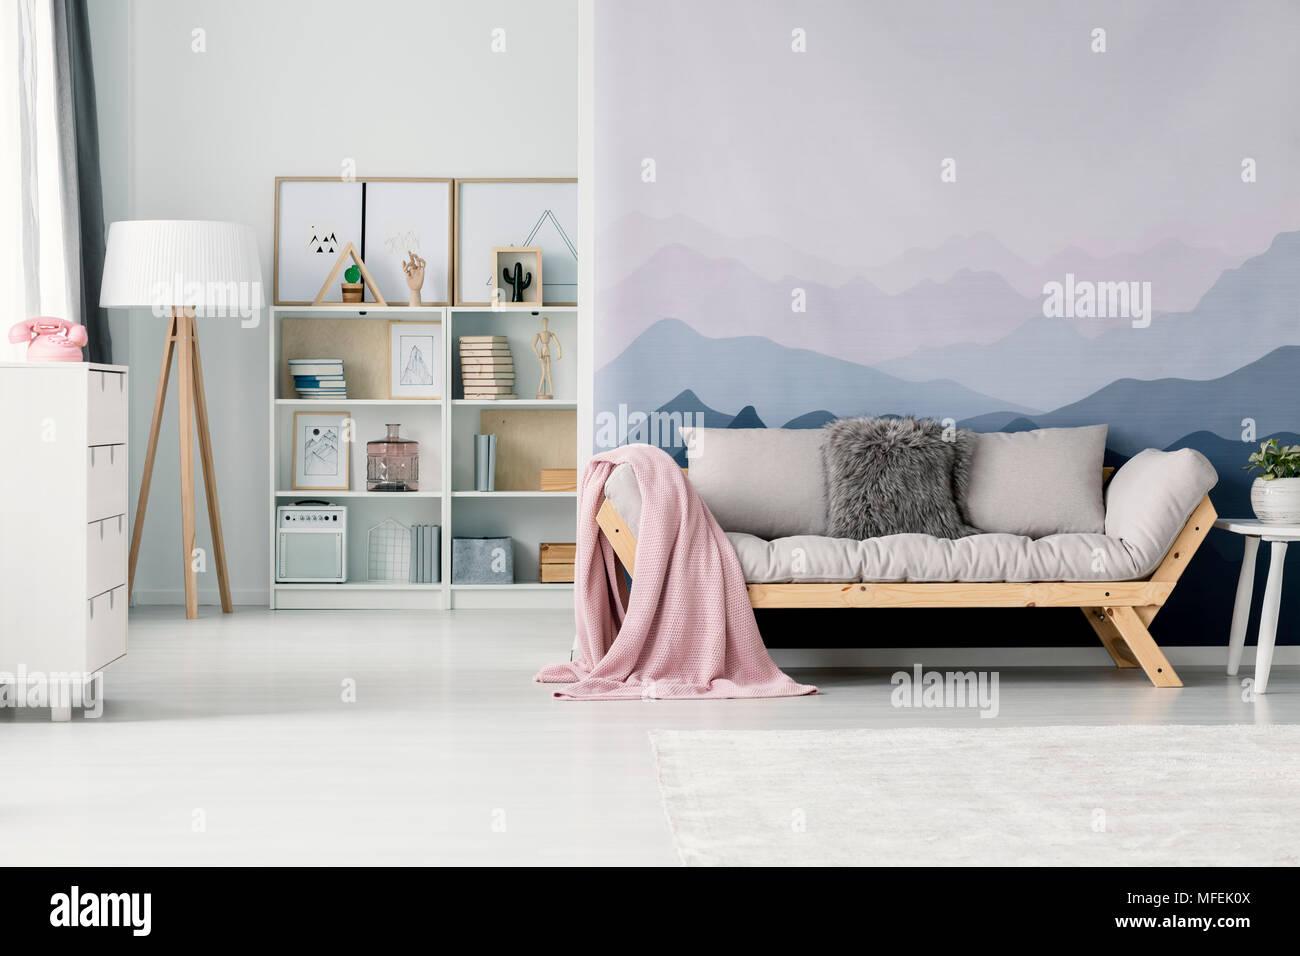 Gemütliches Wohnzimmer Mit Pastell Rosa Decke Auf Einem Beigen Sofa Gegen  Eine Wand Mit Berg Wallpaper Stehend